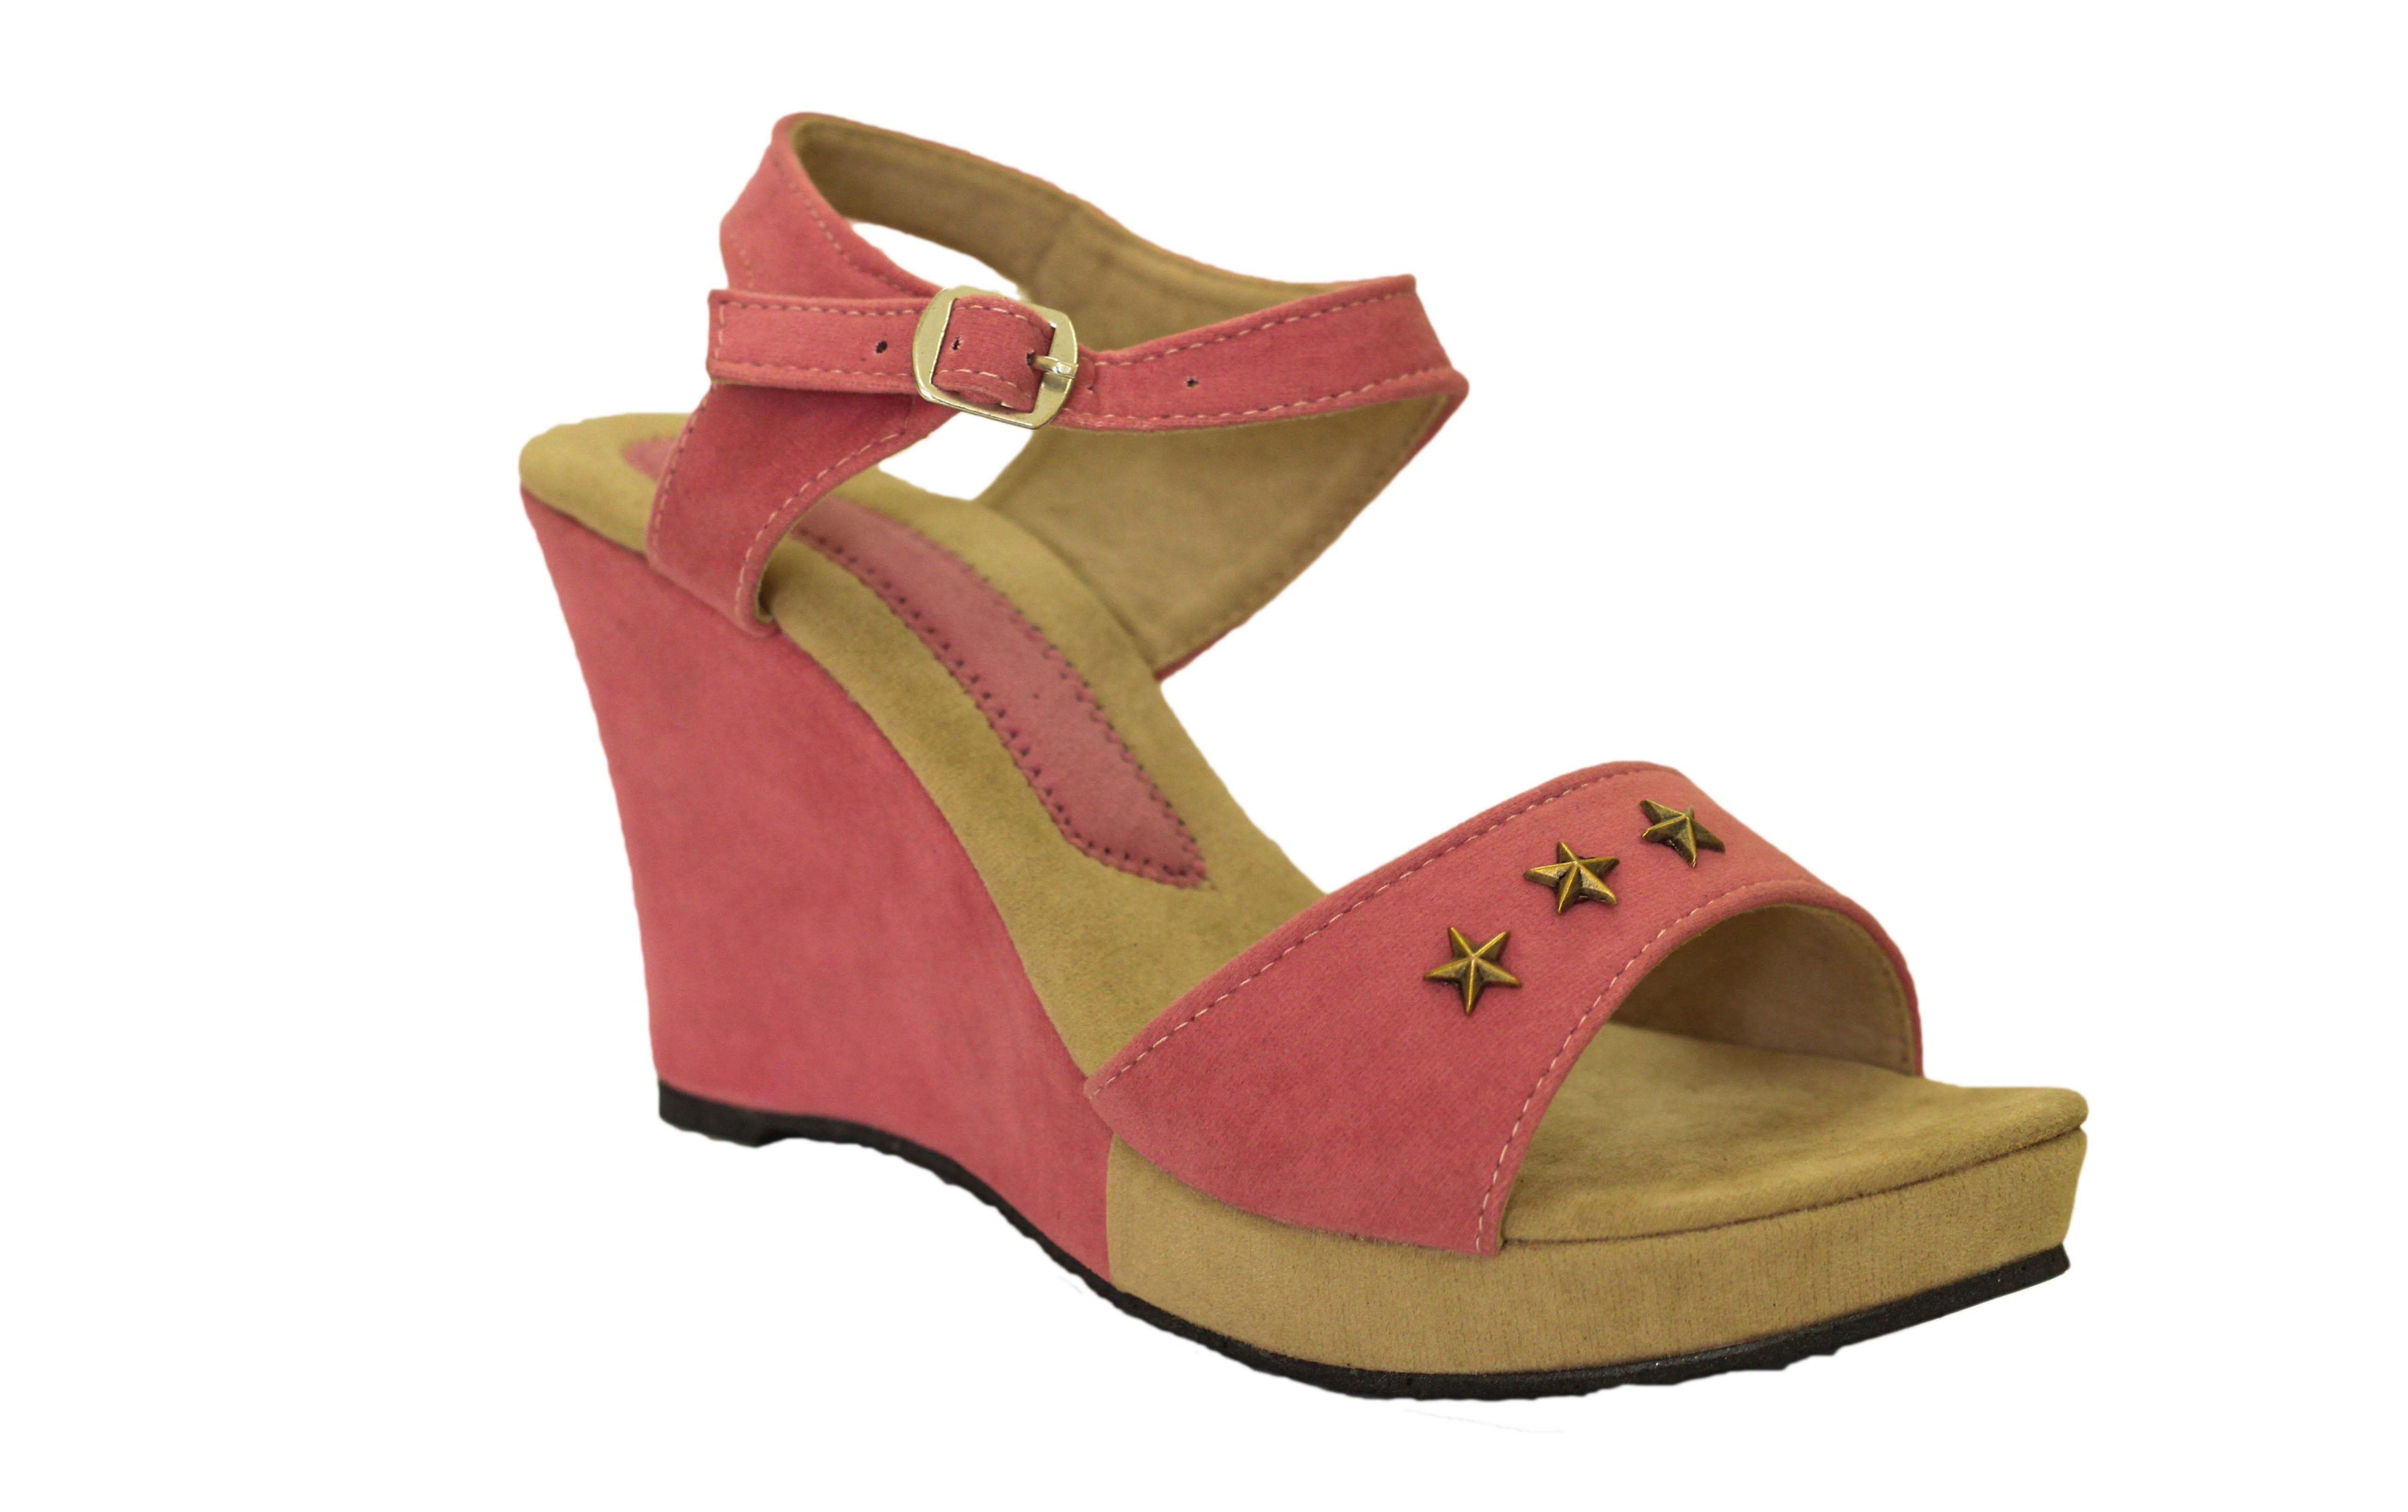 Hansx Girls Pink Heels wedges Sandal i-7-Pink